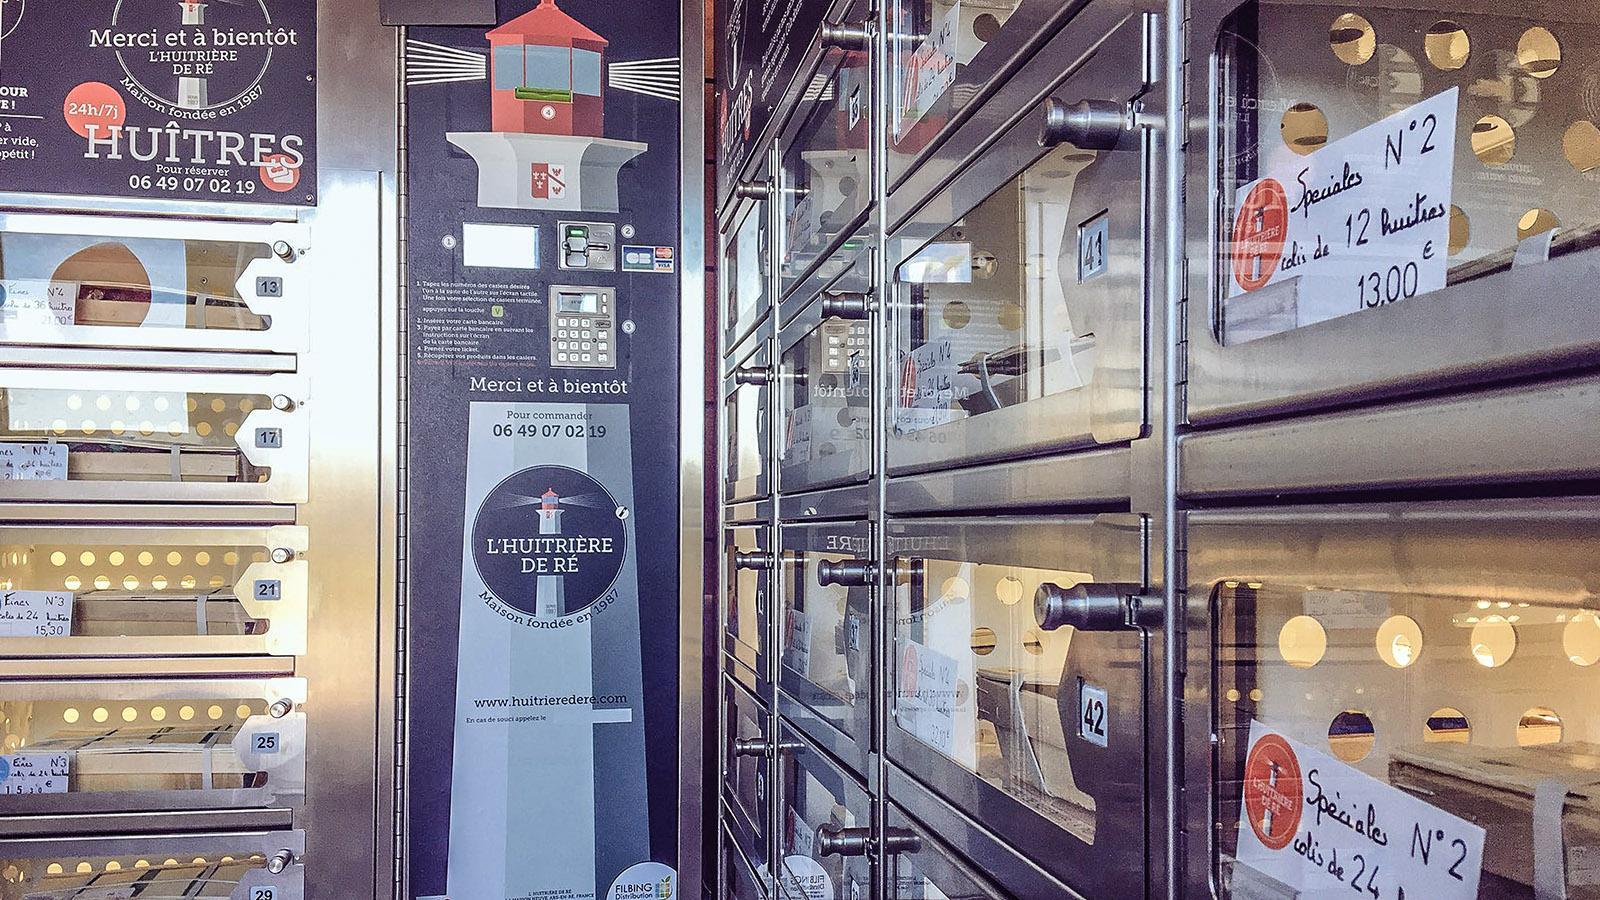 Île de Ré: Rund um die Uhr gibt es in diesem Automaten frische Austern –gut gekühlt wie der passende Wein, den ihr ebenfalls ihr ziehen könnt. Foto: Hilke Maunder